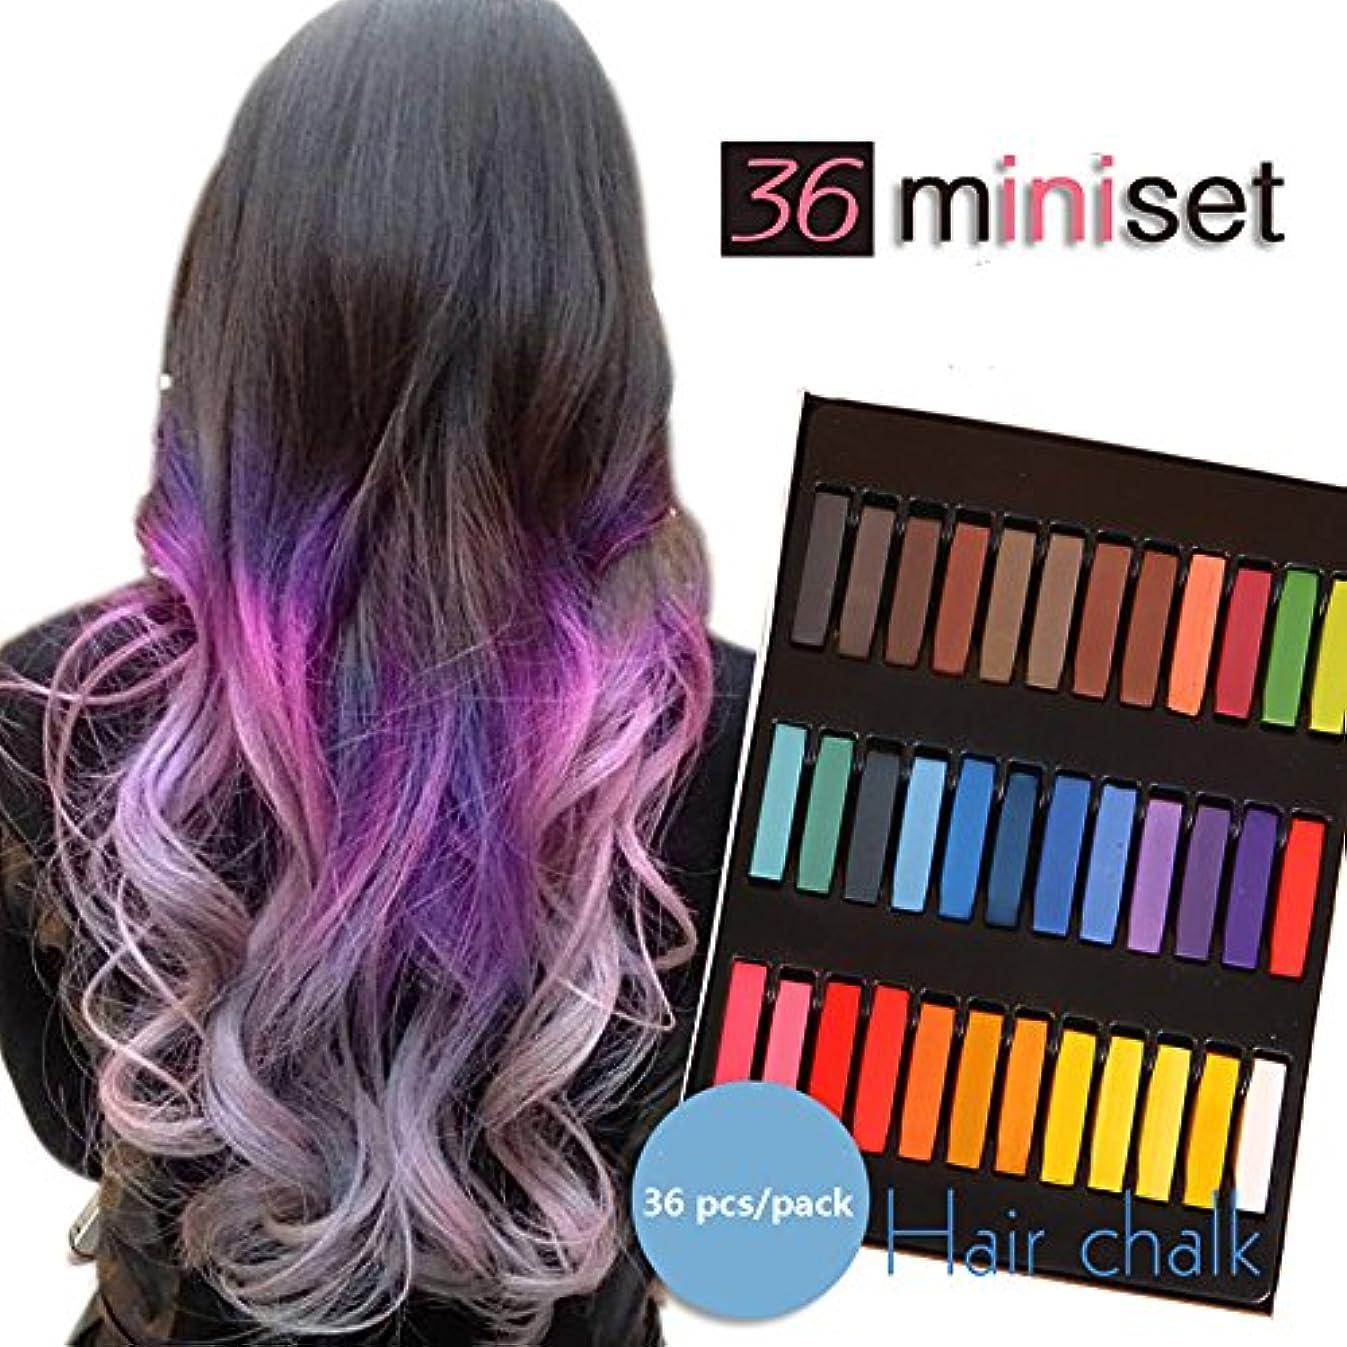 透ける四反逆者大ブレイク中!HAIR CHALKIN 選べる 6色/12色/24色/36色 髪専用に開発された安心商品! ヘアチョーク ヘアカラーチョーク 一日だけのヘアカラーでイメチェンが楽しめる!美容室のヘアカラーでは表現しづらい...